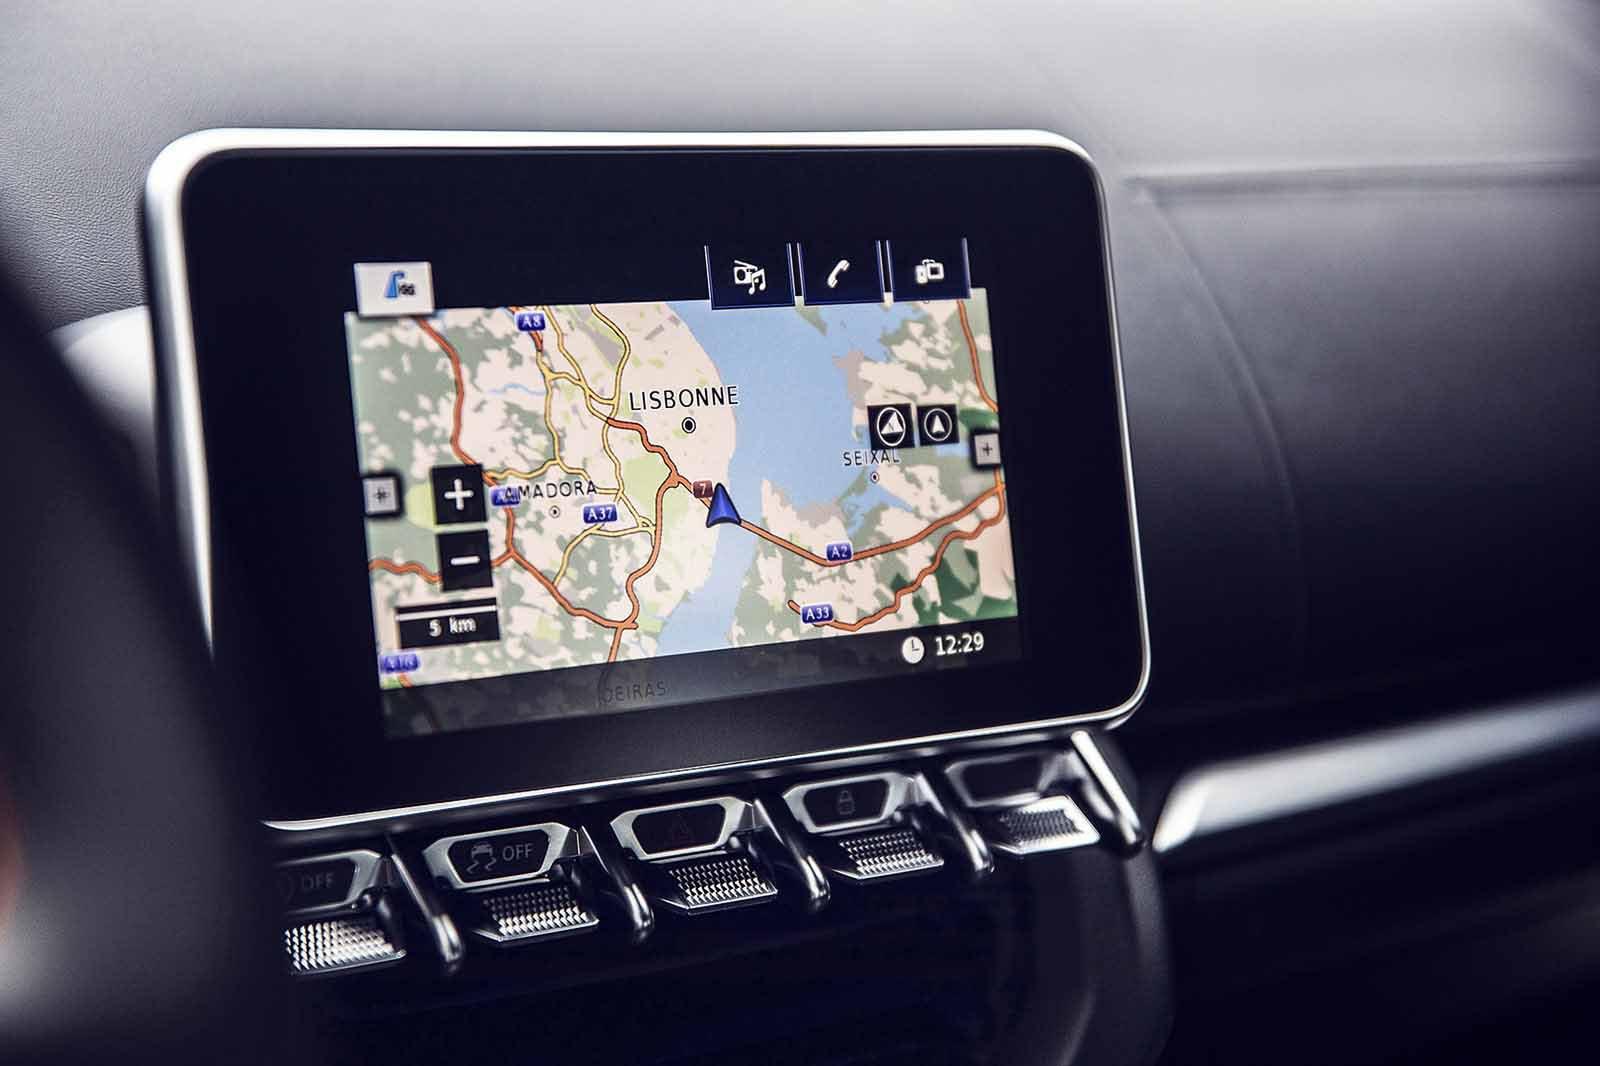 Alpine A110 S 2019 LHD infotainment